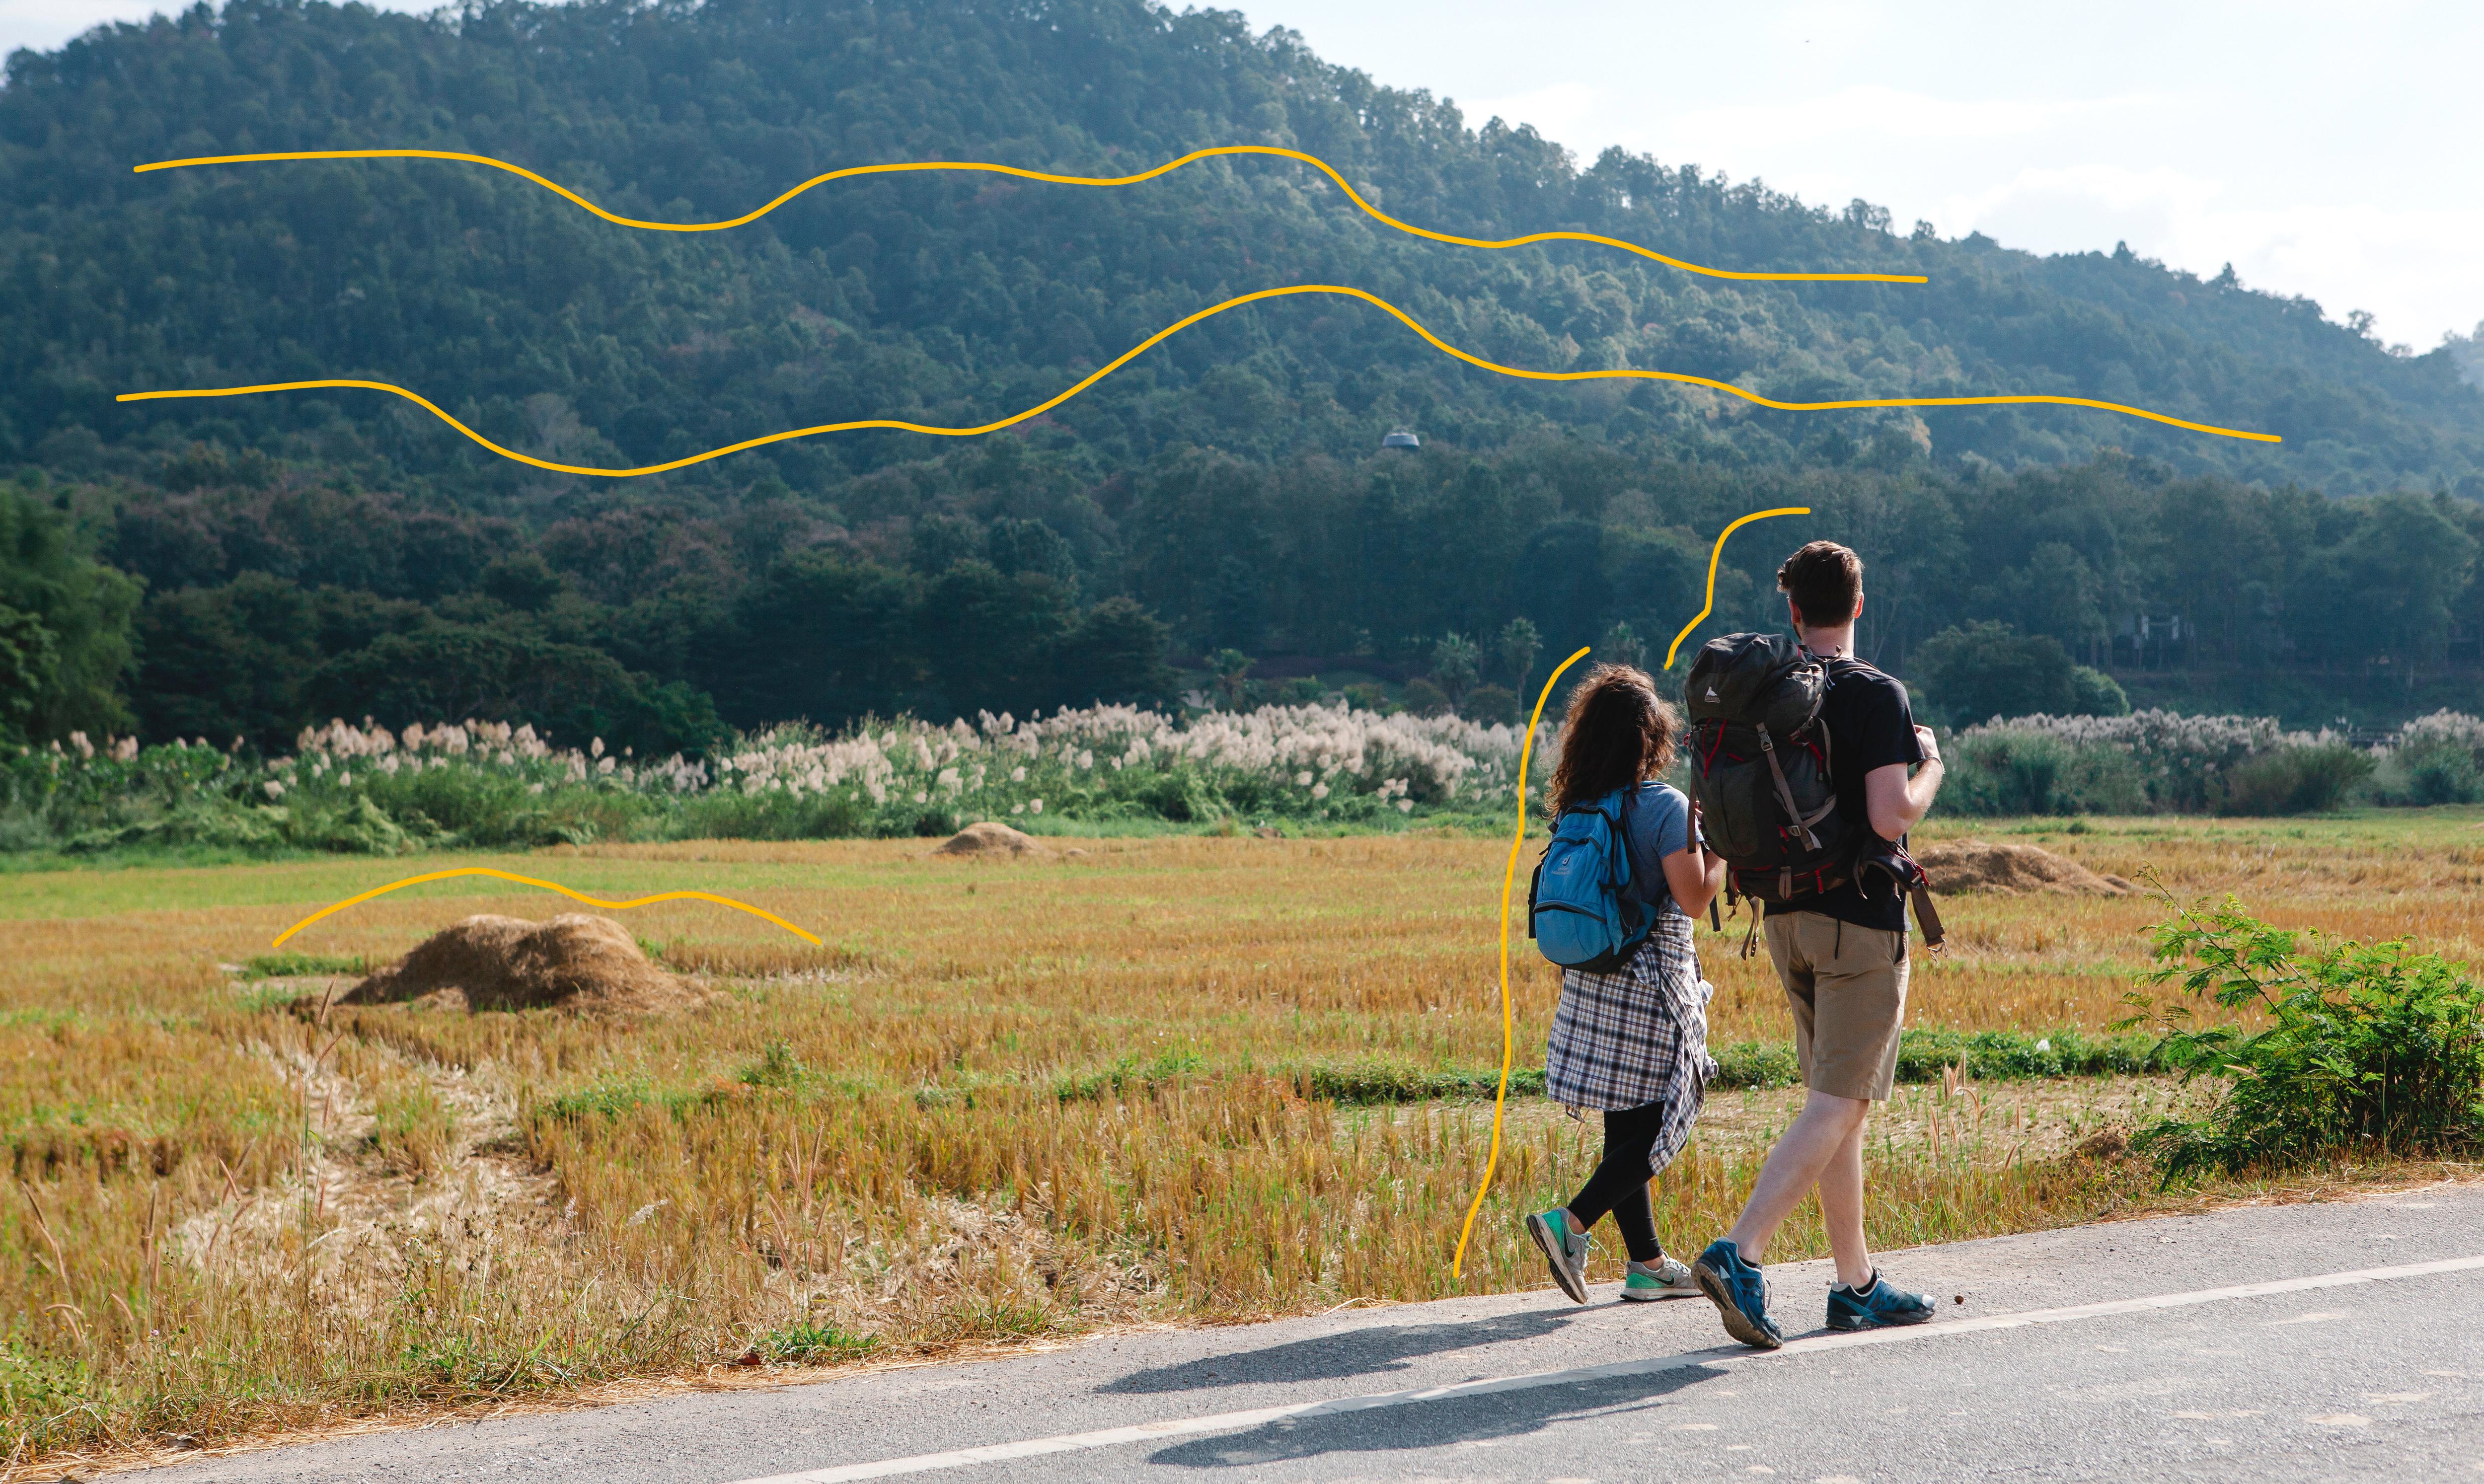 Открыта регистрация на «Майскую прогулку»: самая длинная дистанция – 50 км